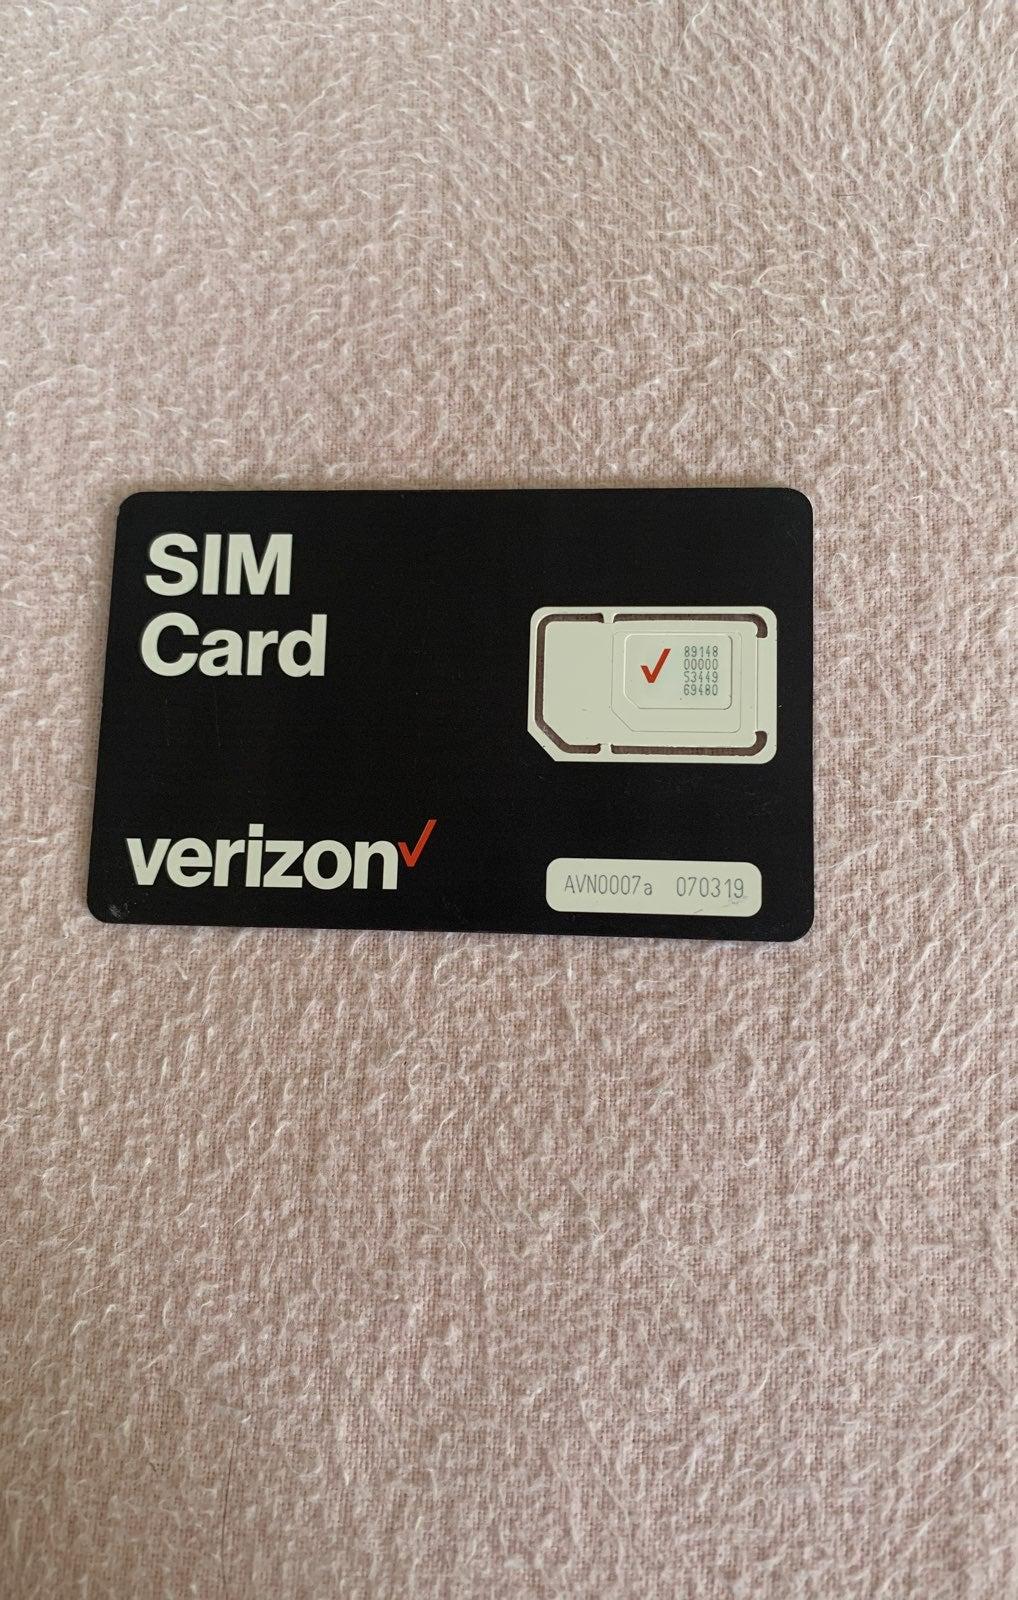 Verizon SIM